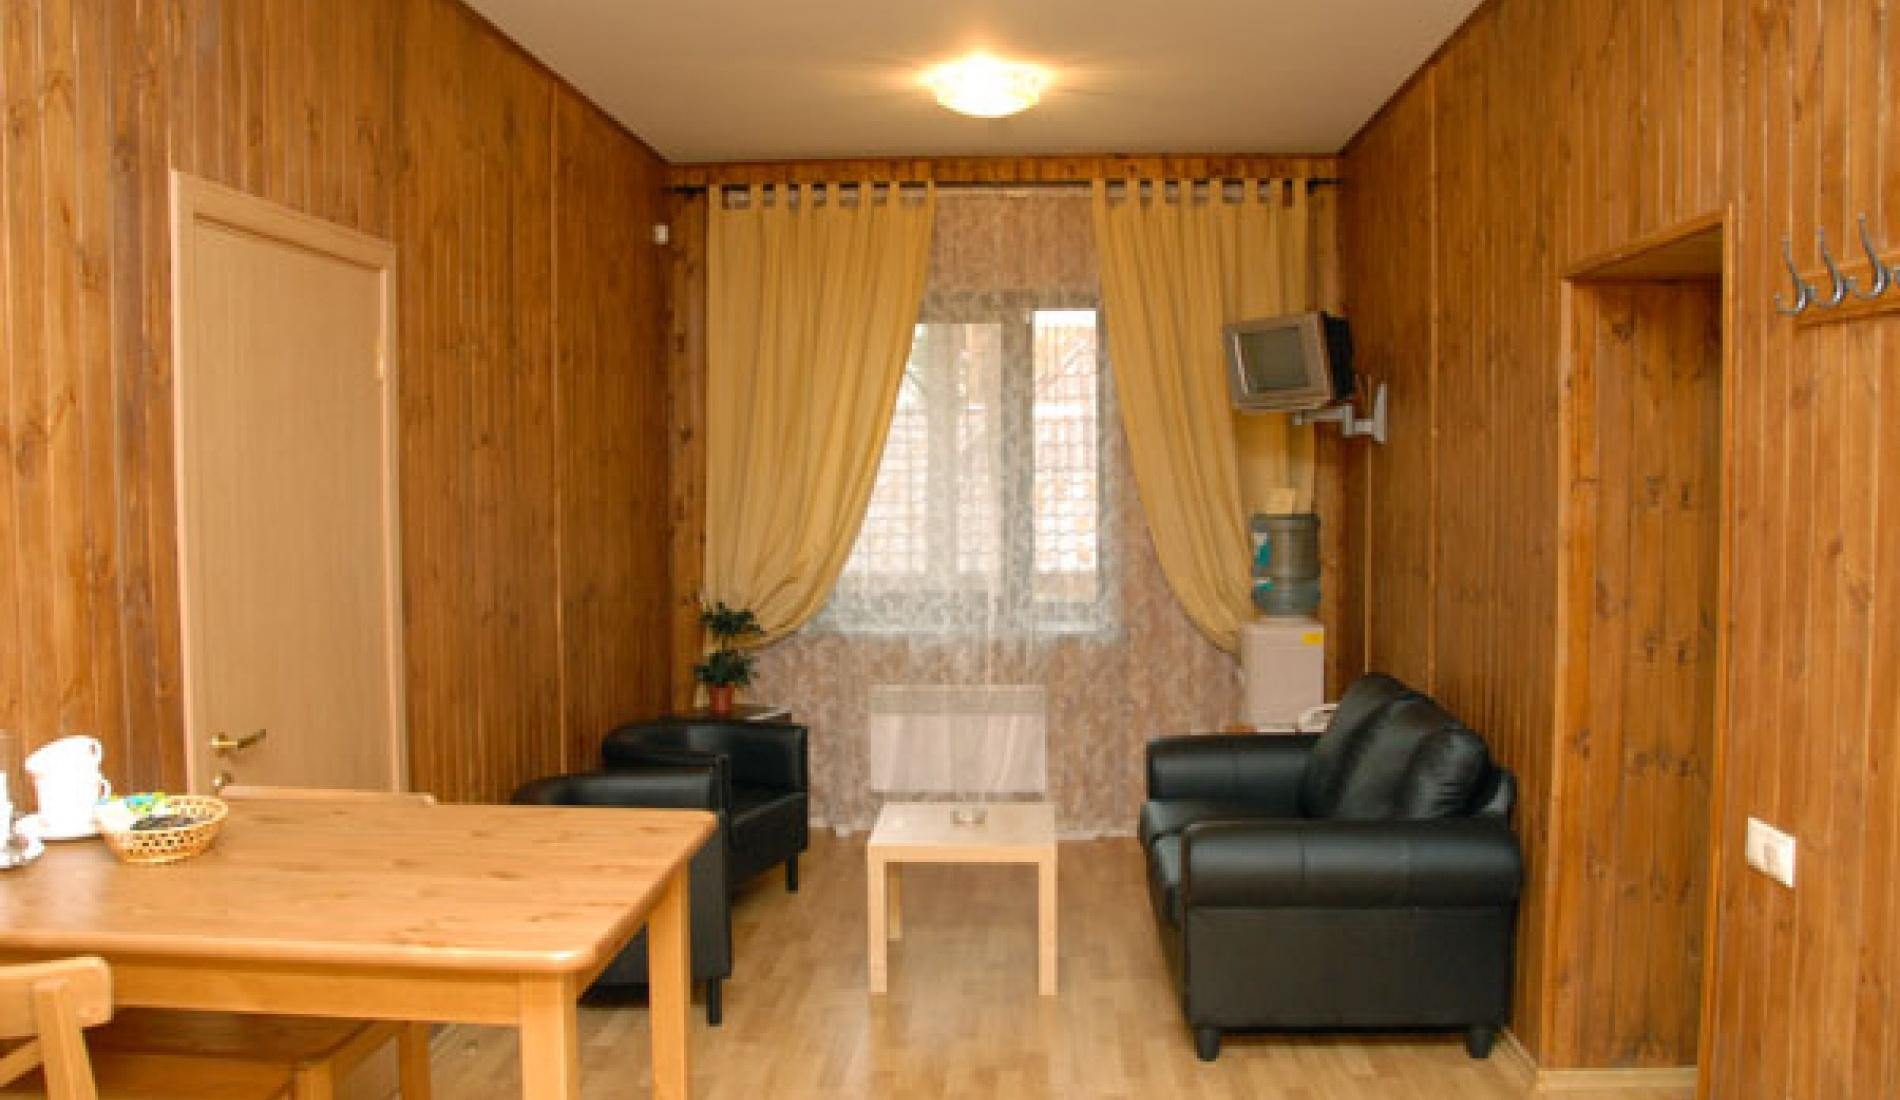 Гостиничный комплекс «Две реки» Белгородская область Номер 4-местный в корпусе «Медовый», фото 4